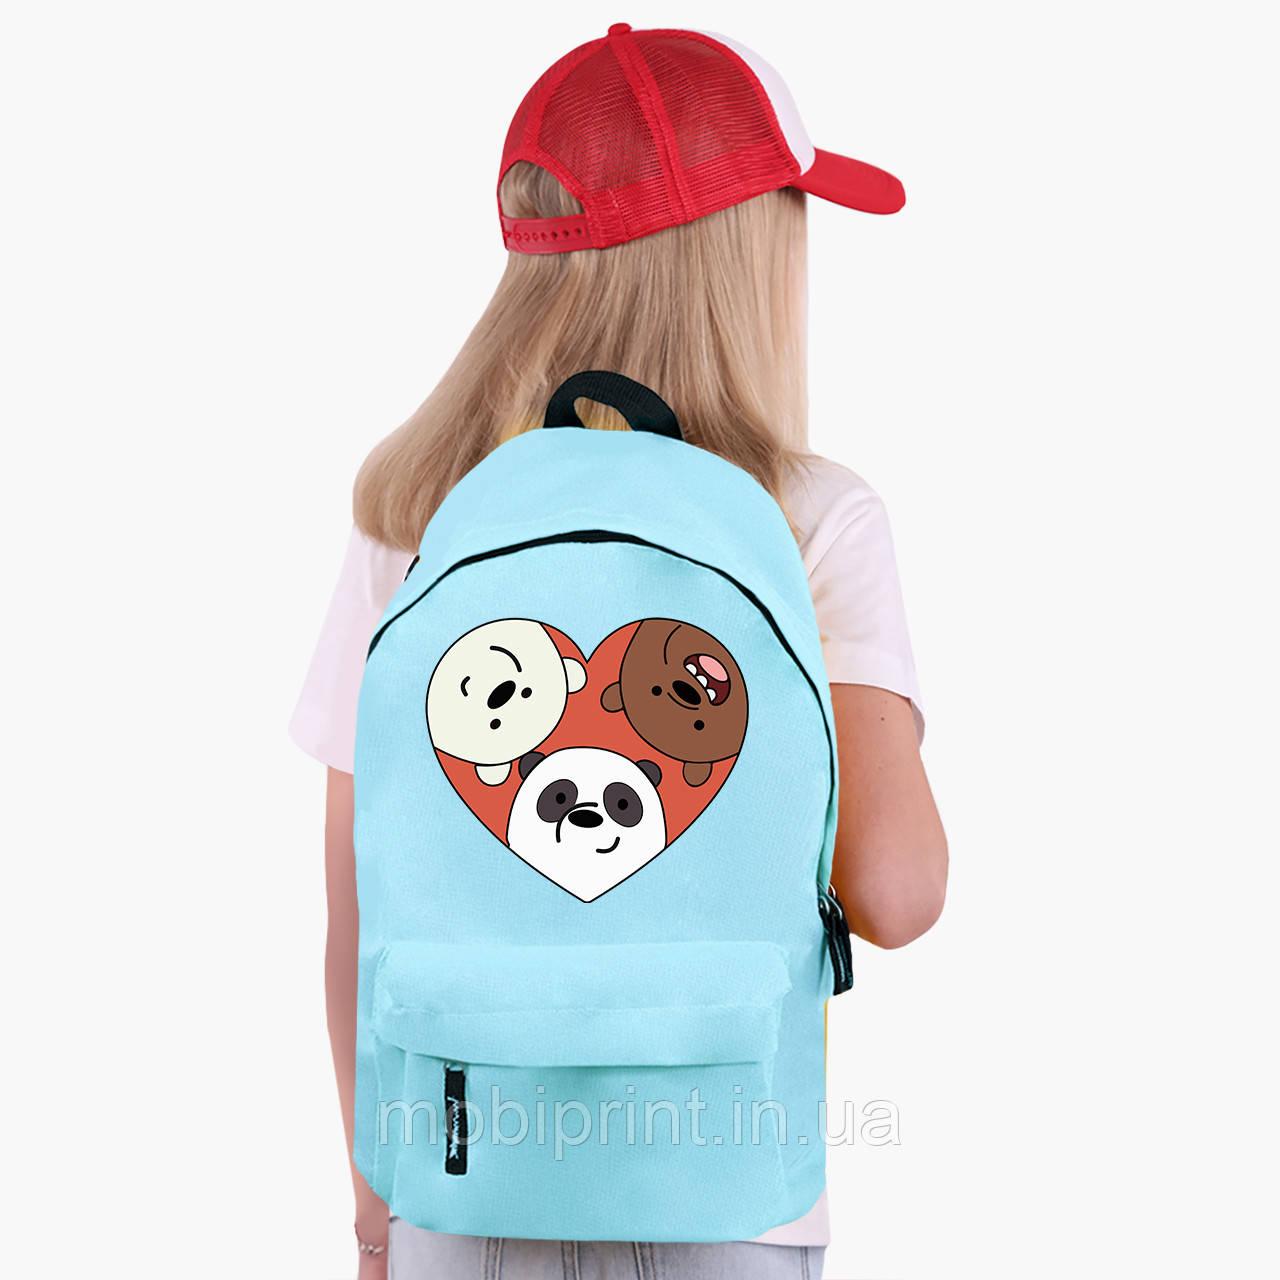 Детский рюкзак Вся правда о медведях (We Bare Bears) (9263-2669)